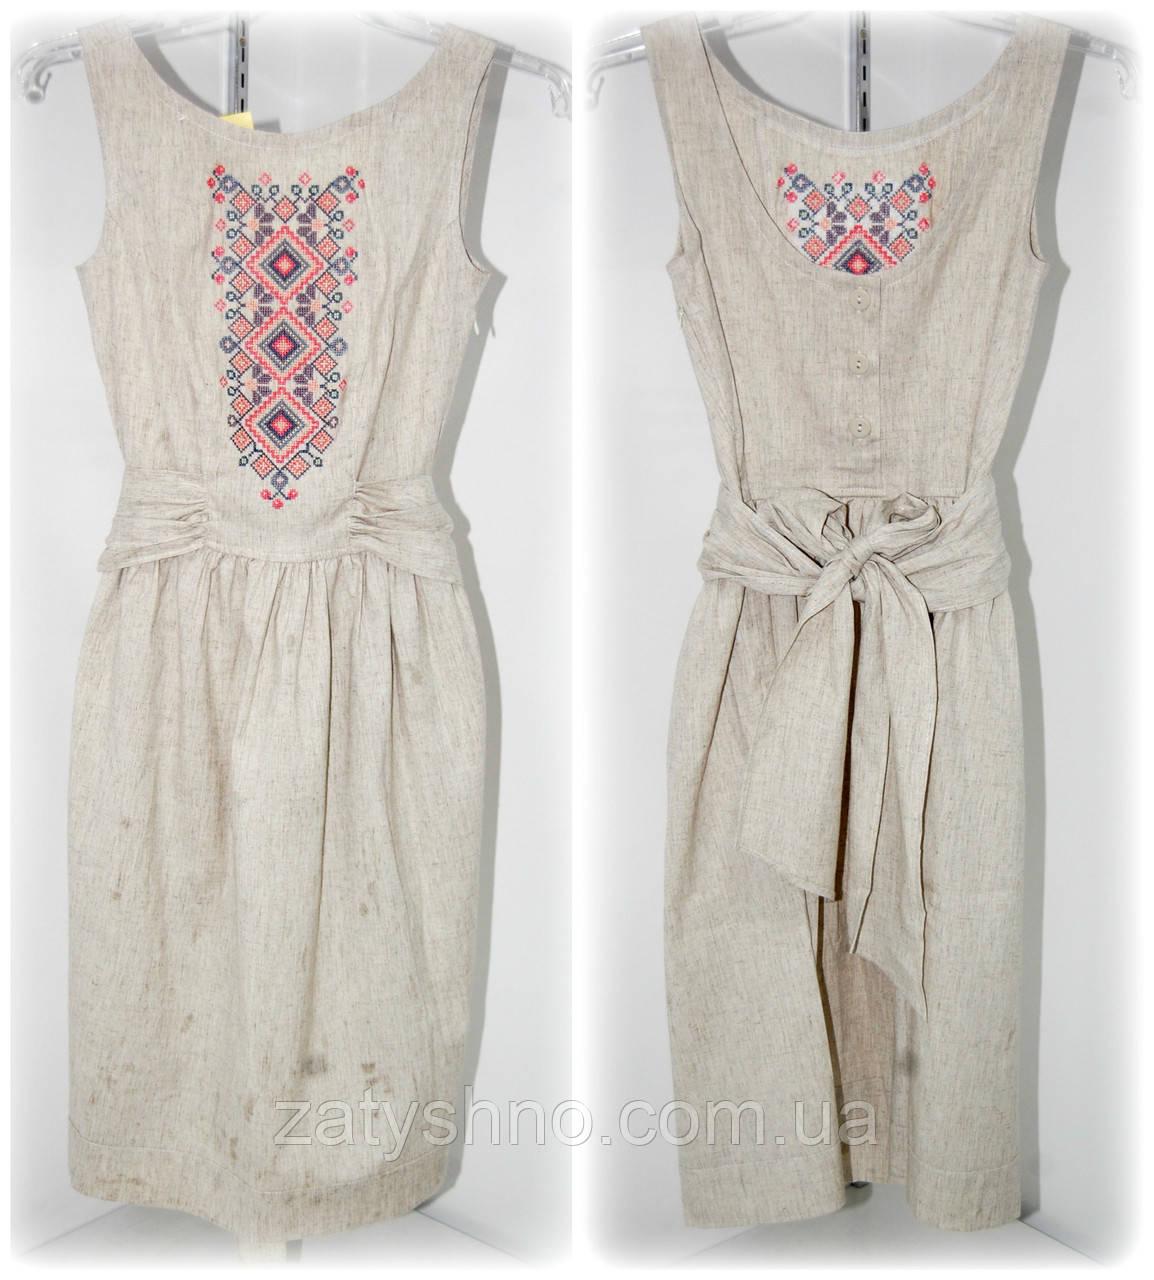 Купить платье недорого интернет магазин